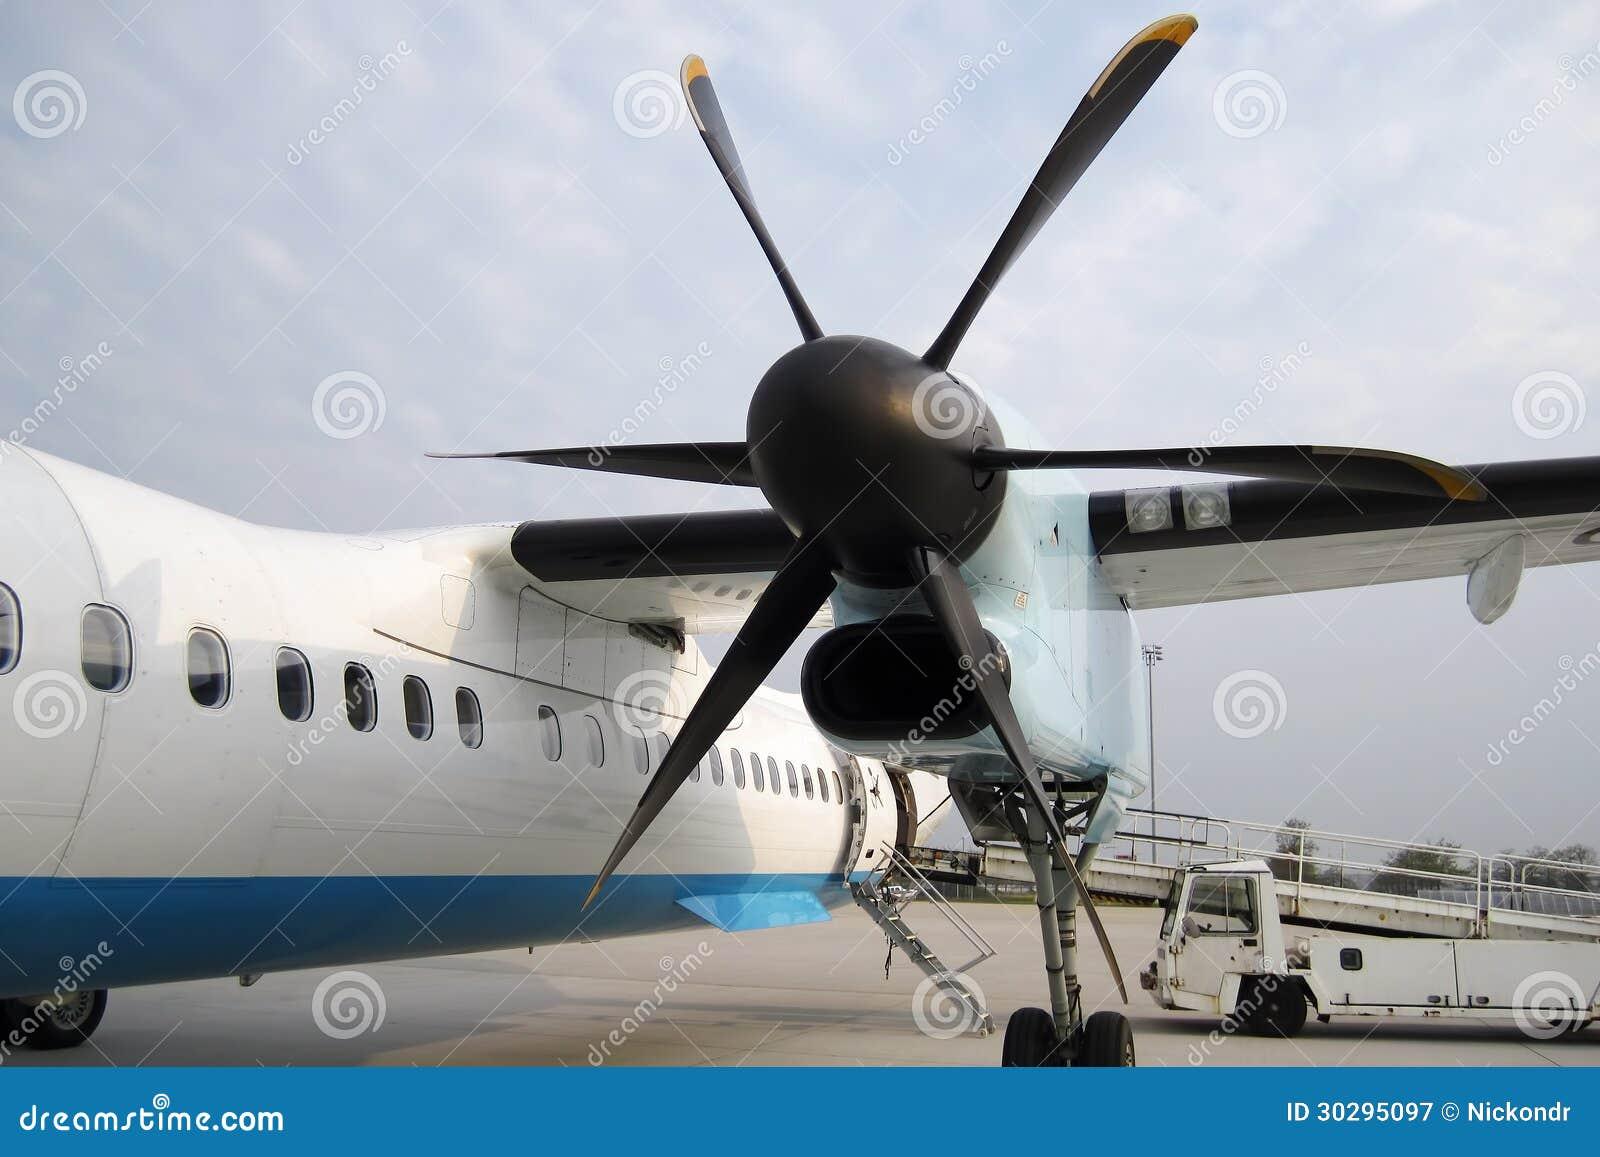 elica aereo  Elica Dell'aereo Con L'aeroplano Immagine Stock - Immagine di ...